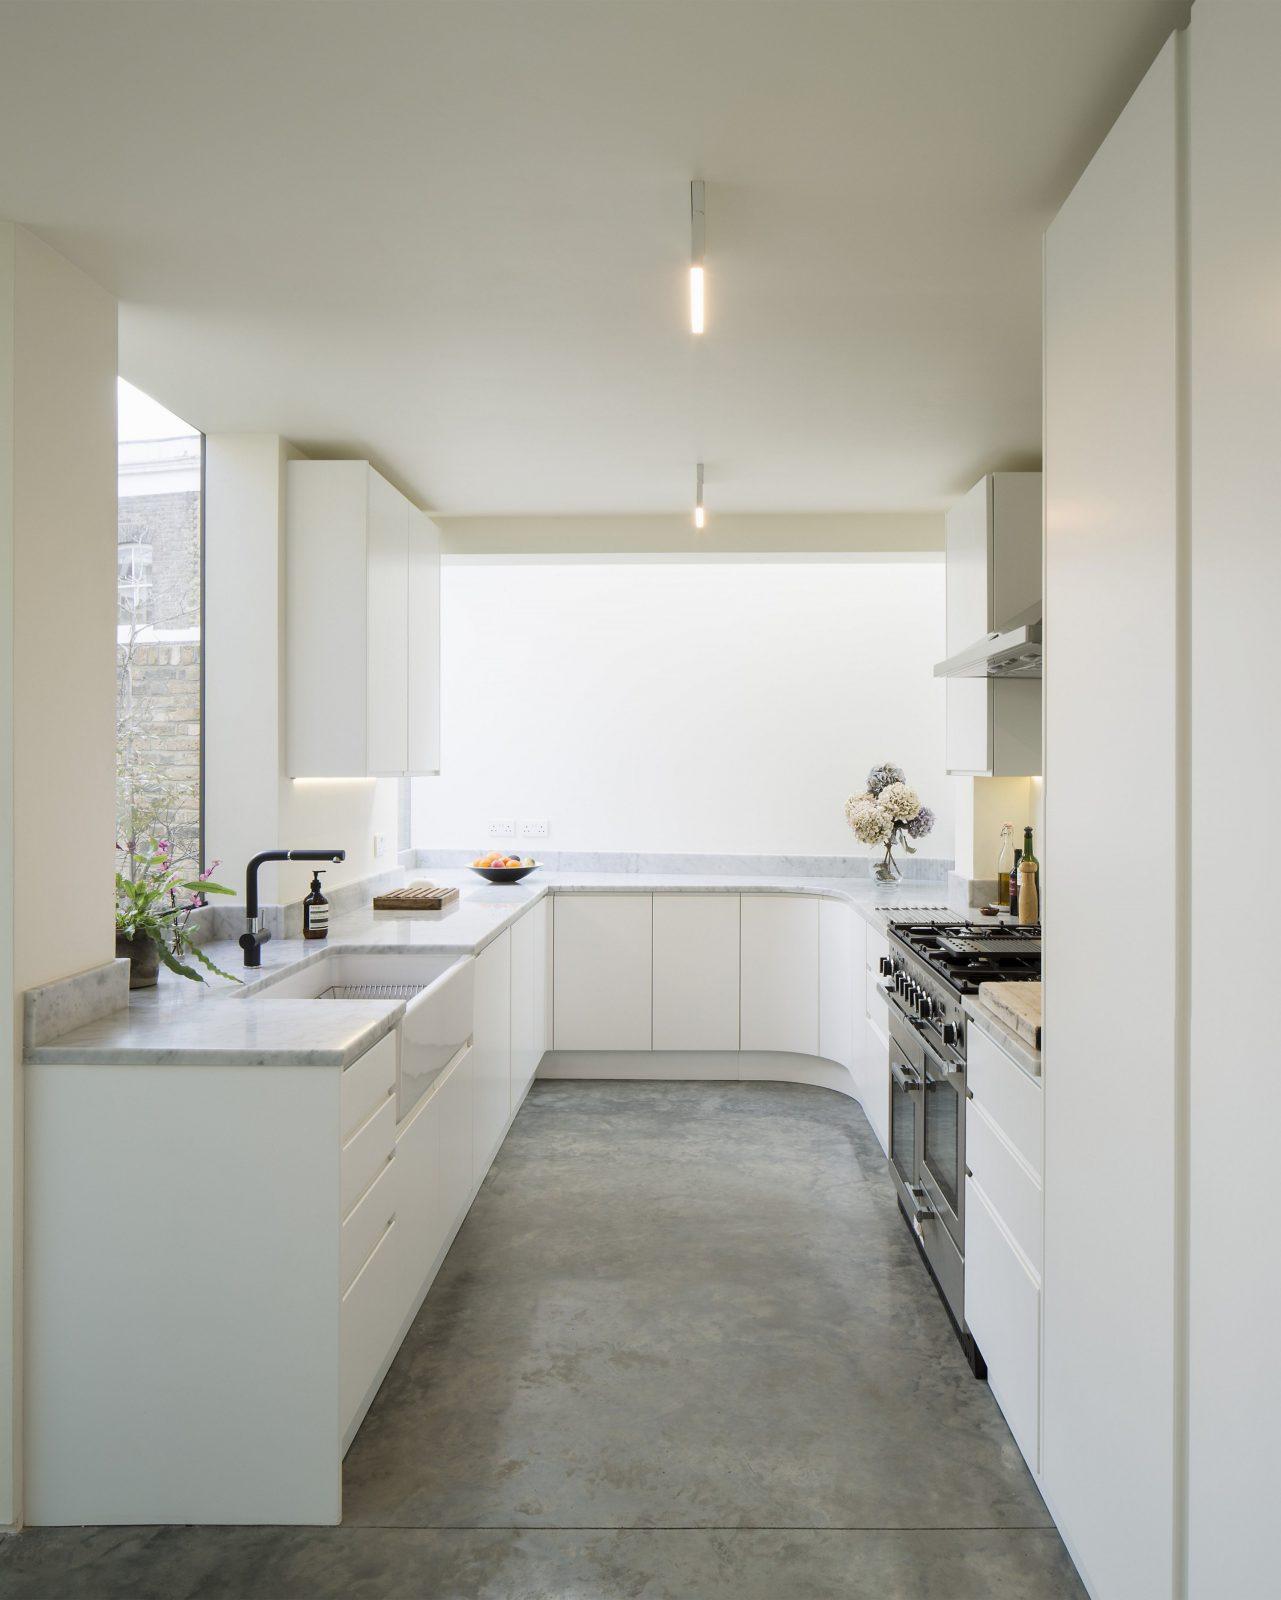 Kleine Küchen Einrichten Alles Am Perfekten Platz  Das Haus von Kleine Schmale Küche Einrichten Photo